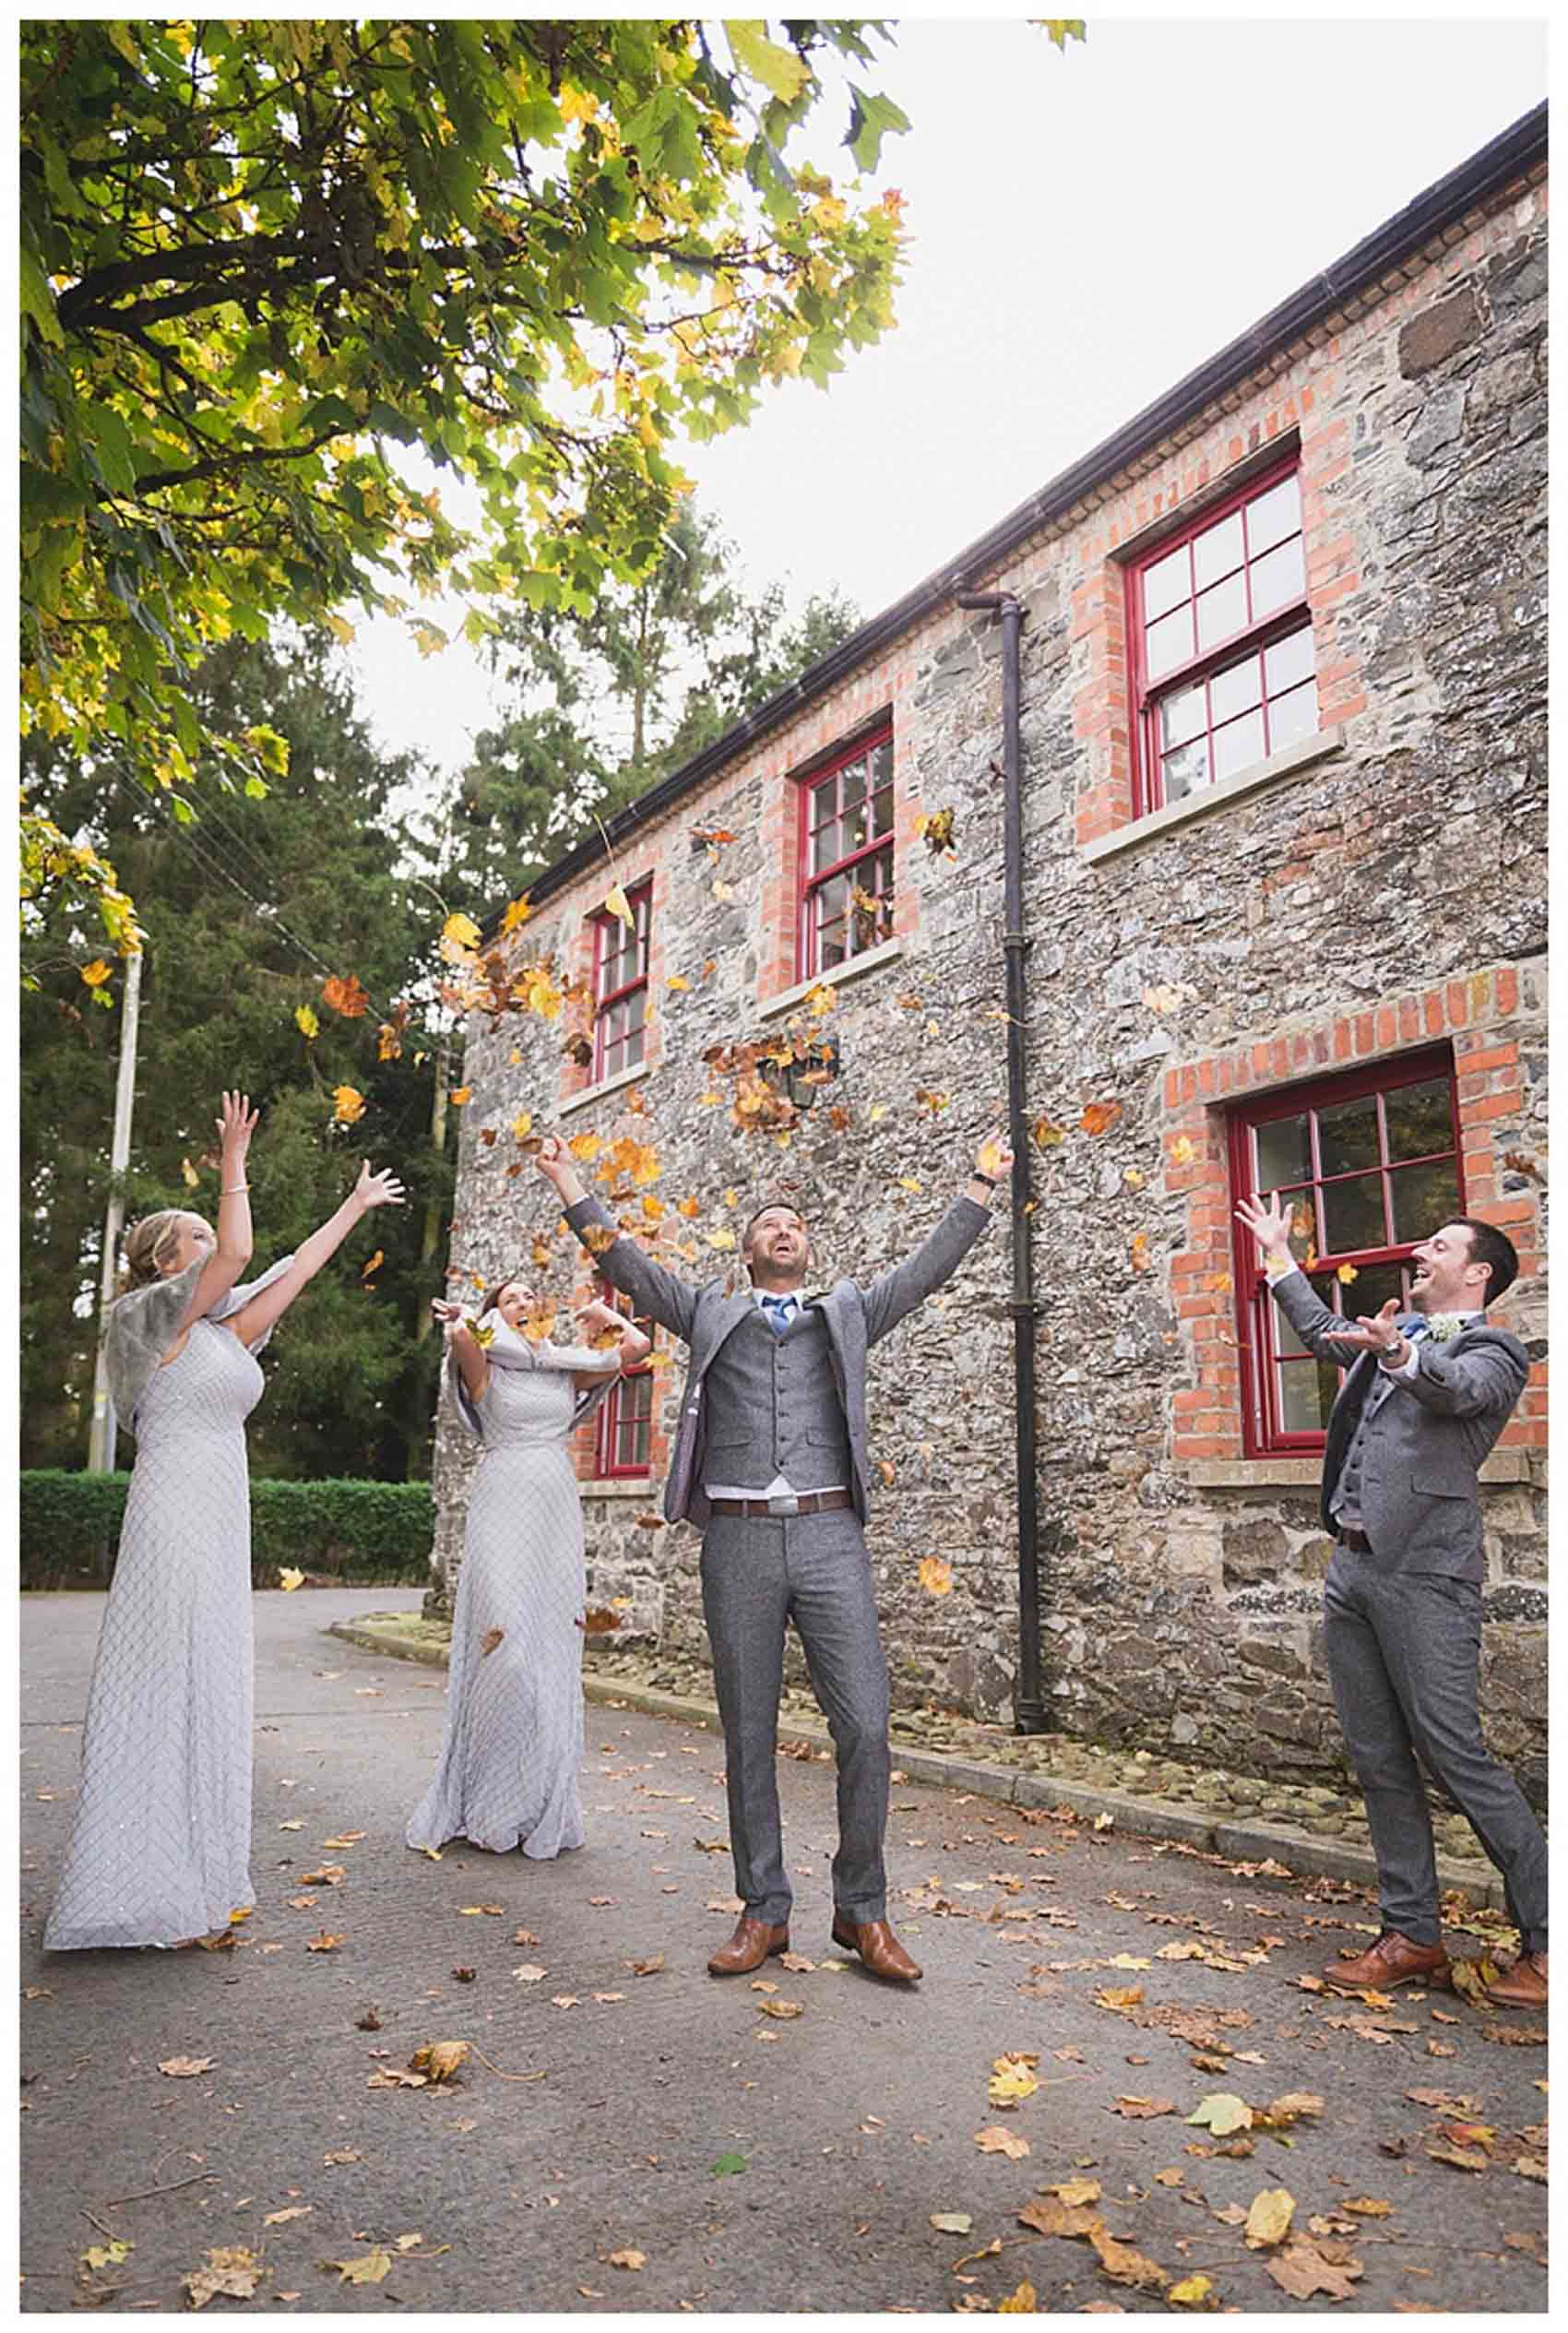 Larchfield Estate Wedding Photography by Ricky Parker Photography 52